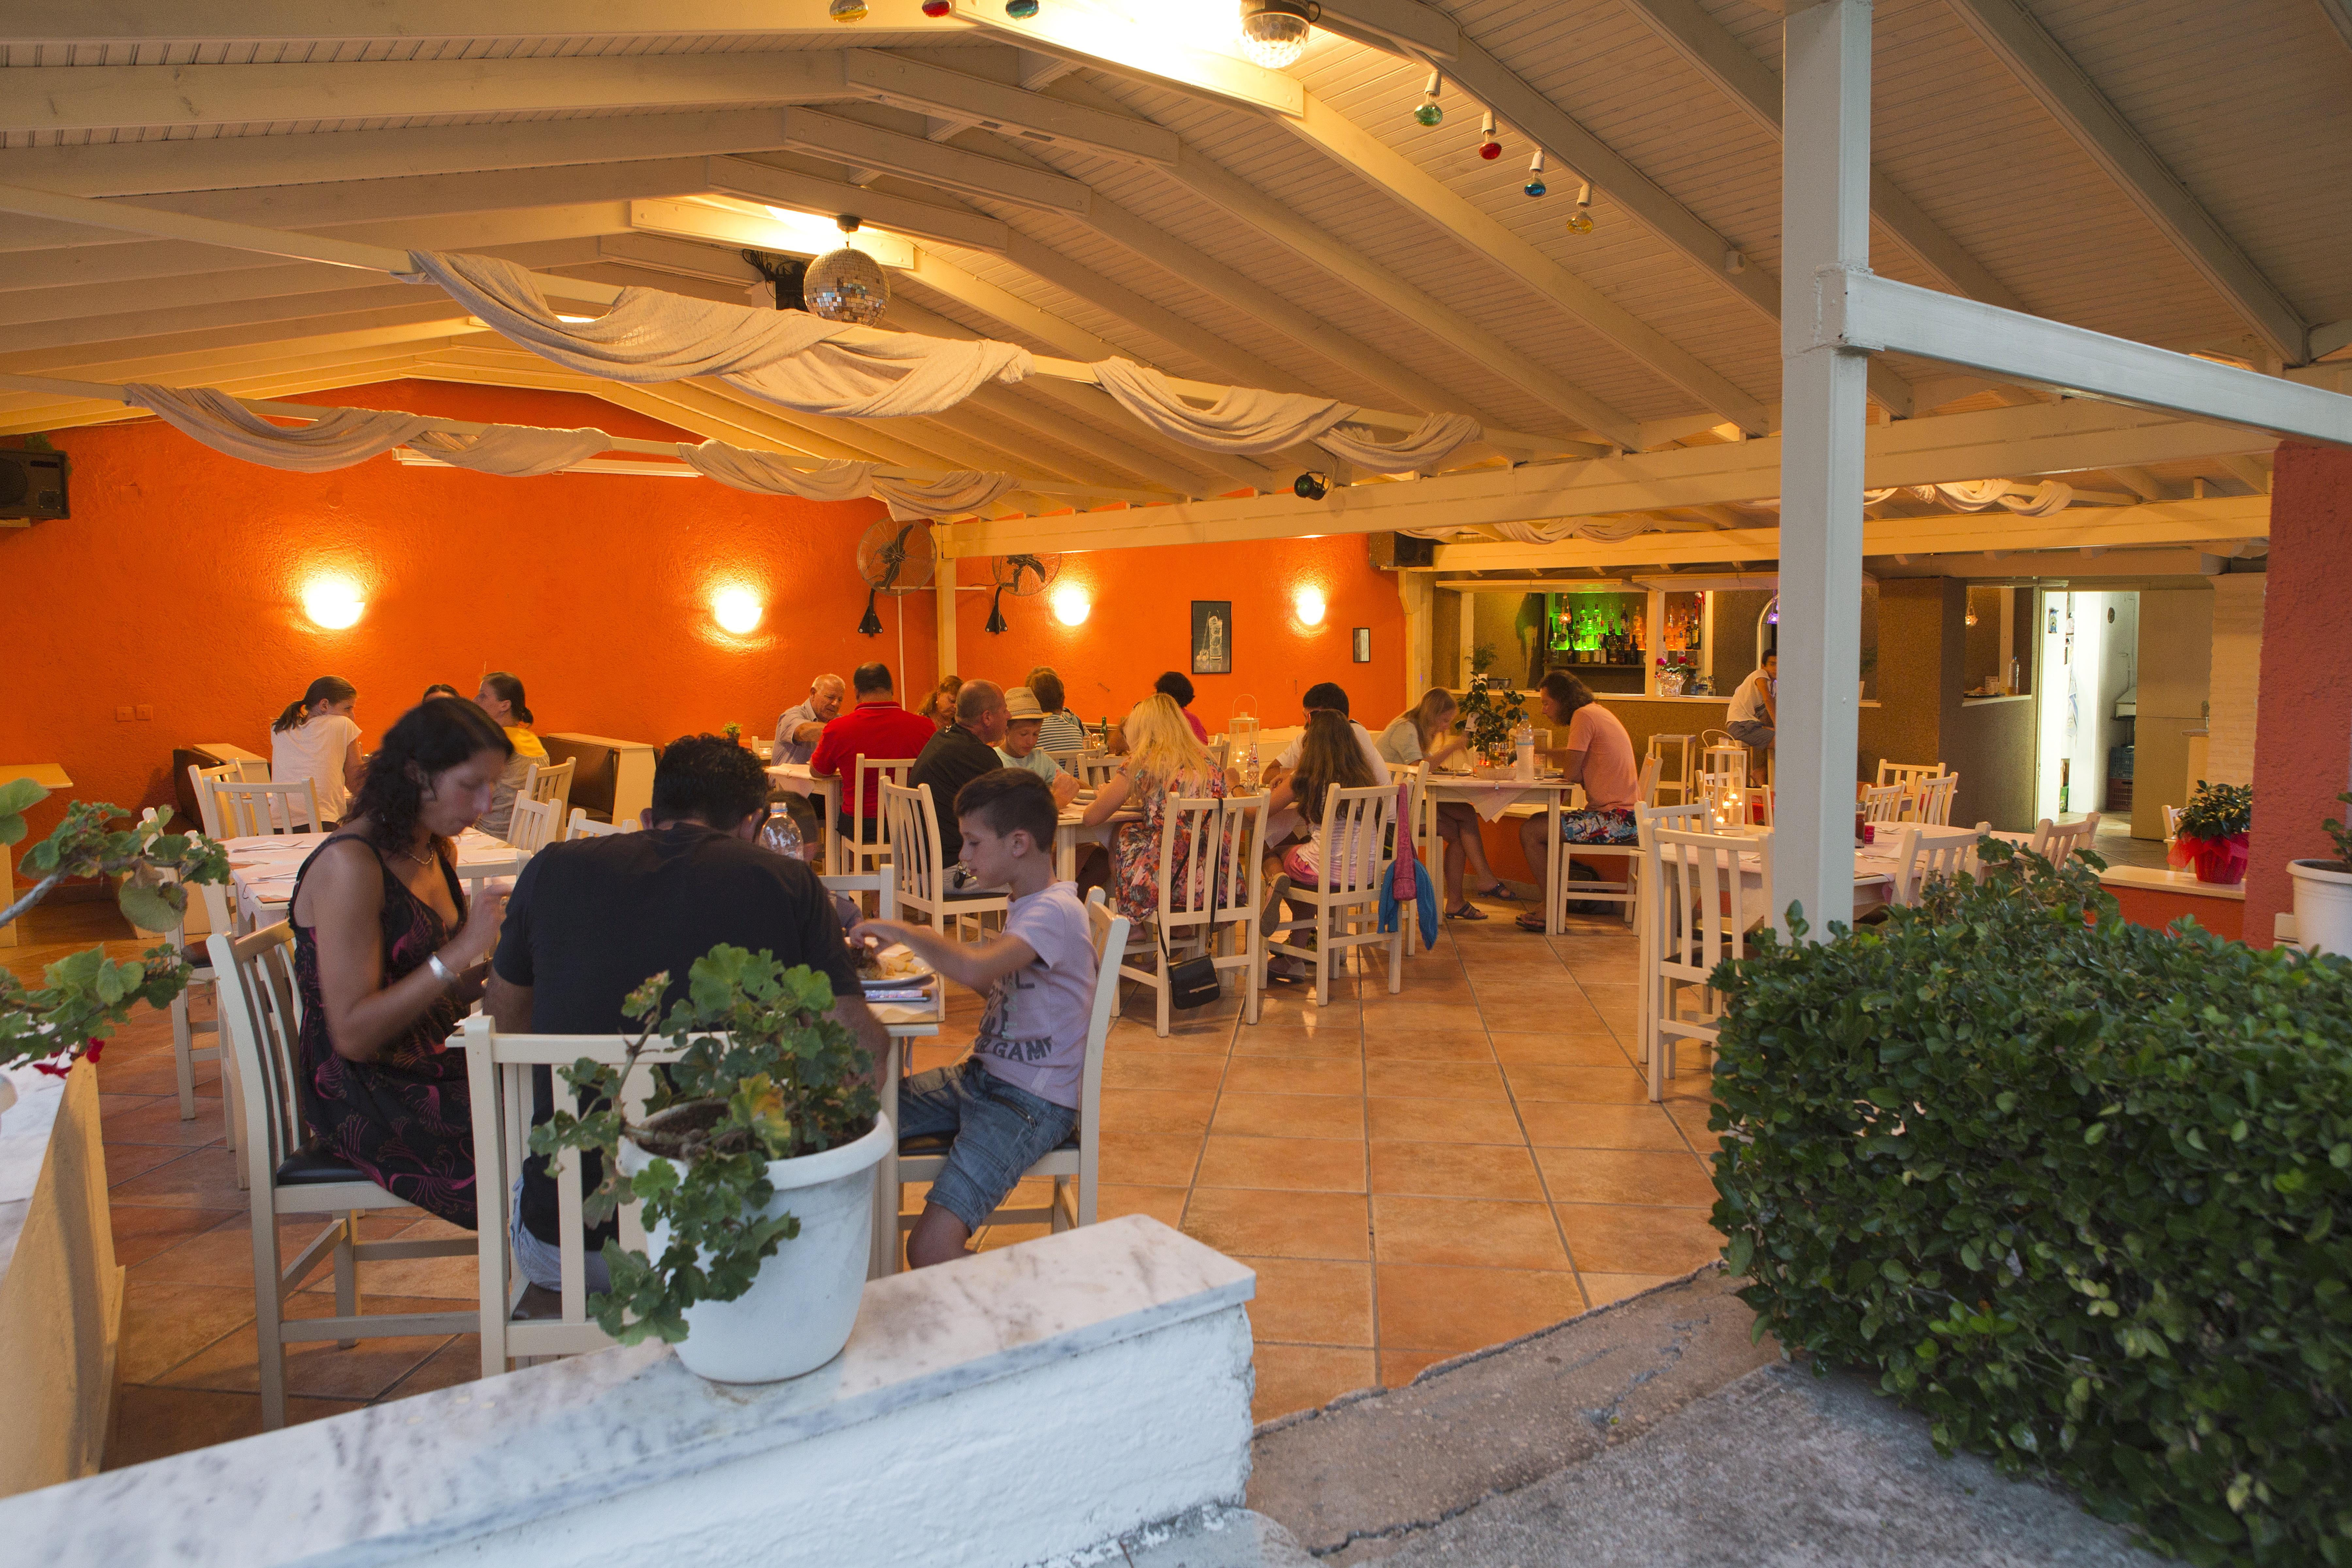 GRECJA - LATO 2018: Anita Hotel***, 8 dni (01-08.06.2018 r.), dwa posiłki: 1599,00 PLN/os. dorosła